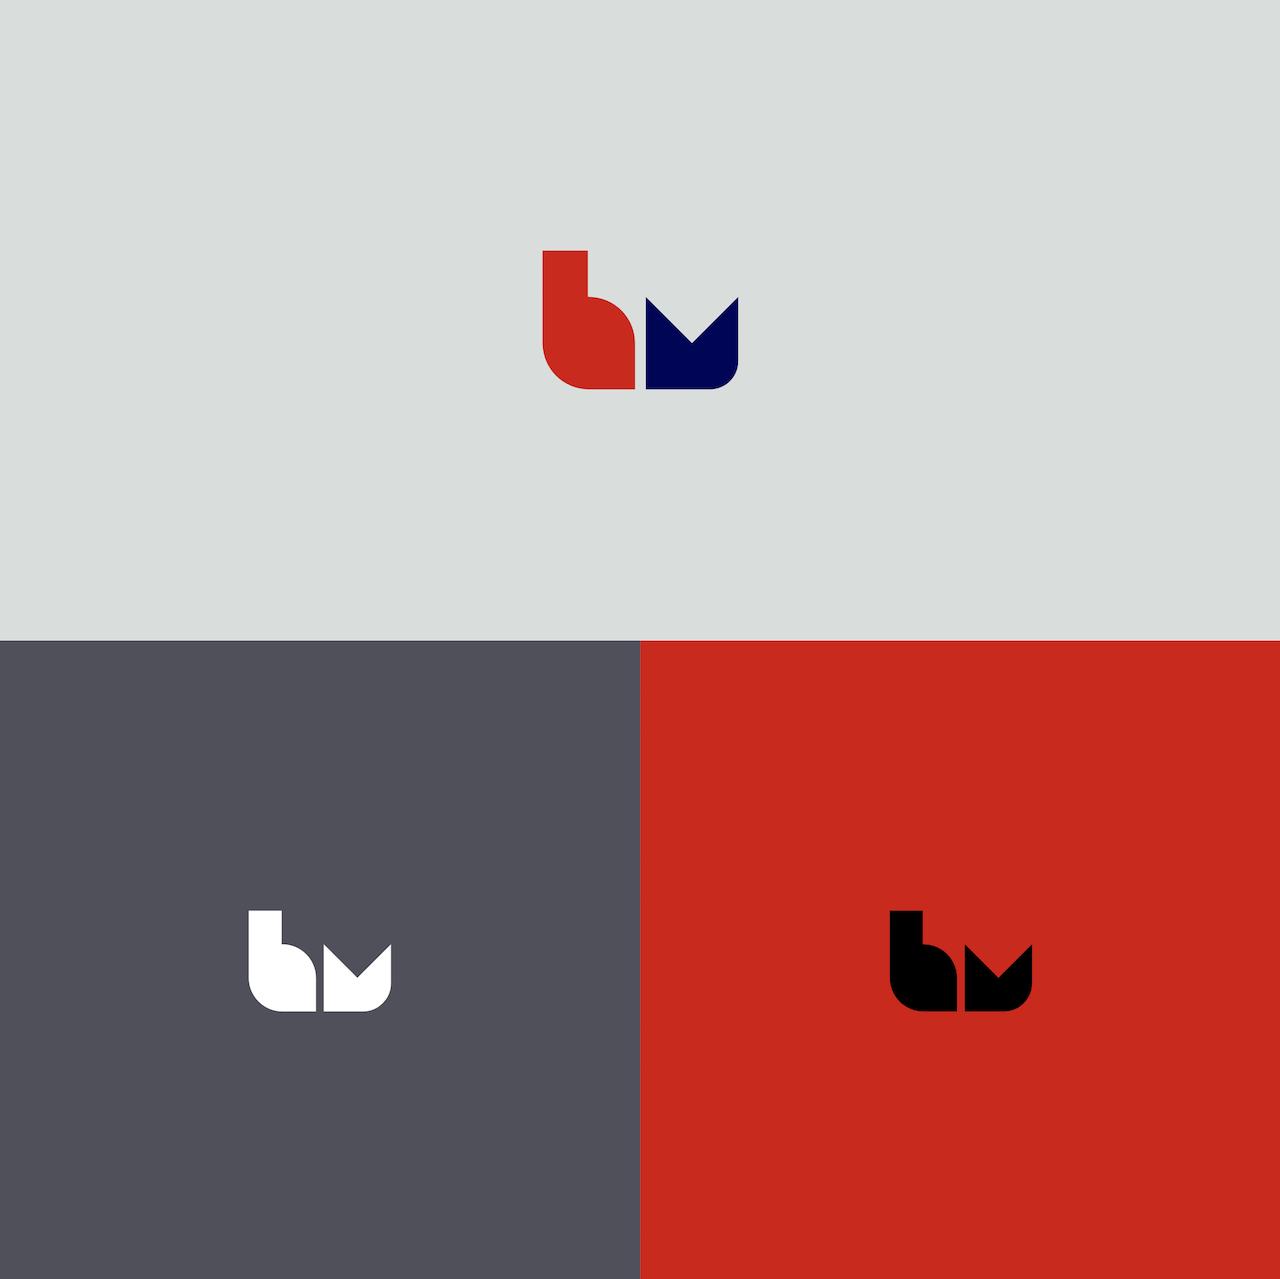 design #82 of noktolux